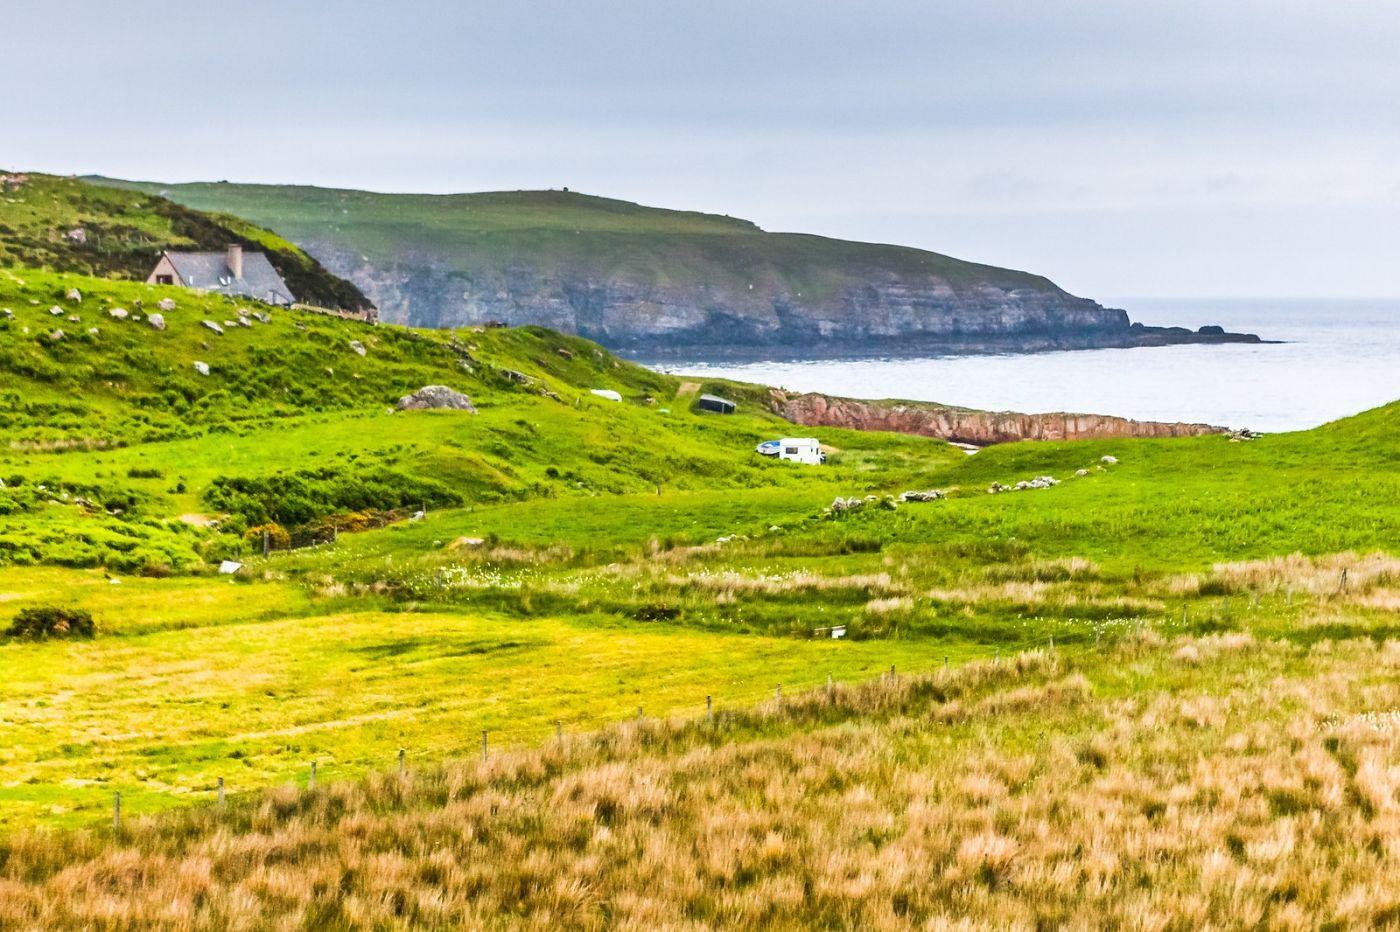 苏格兰美景,弯弯的沙滩_图1-20